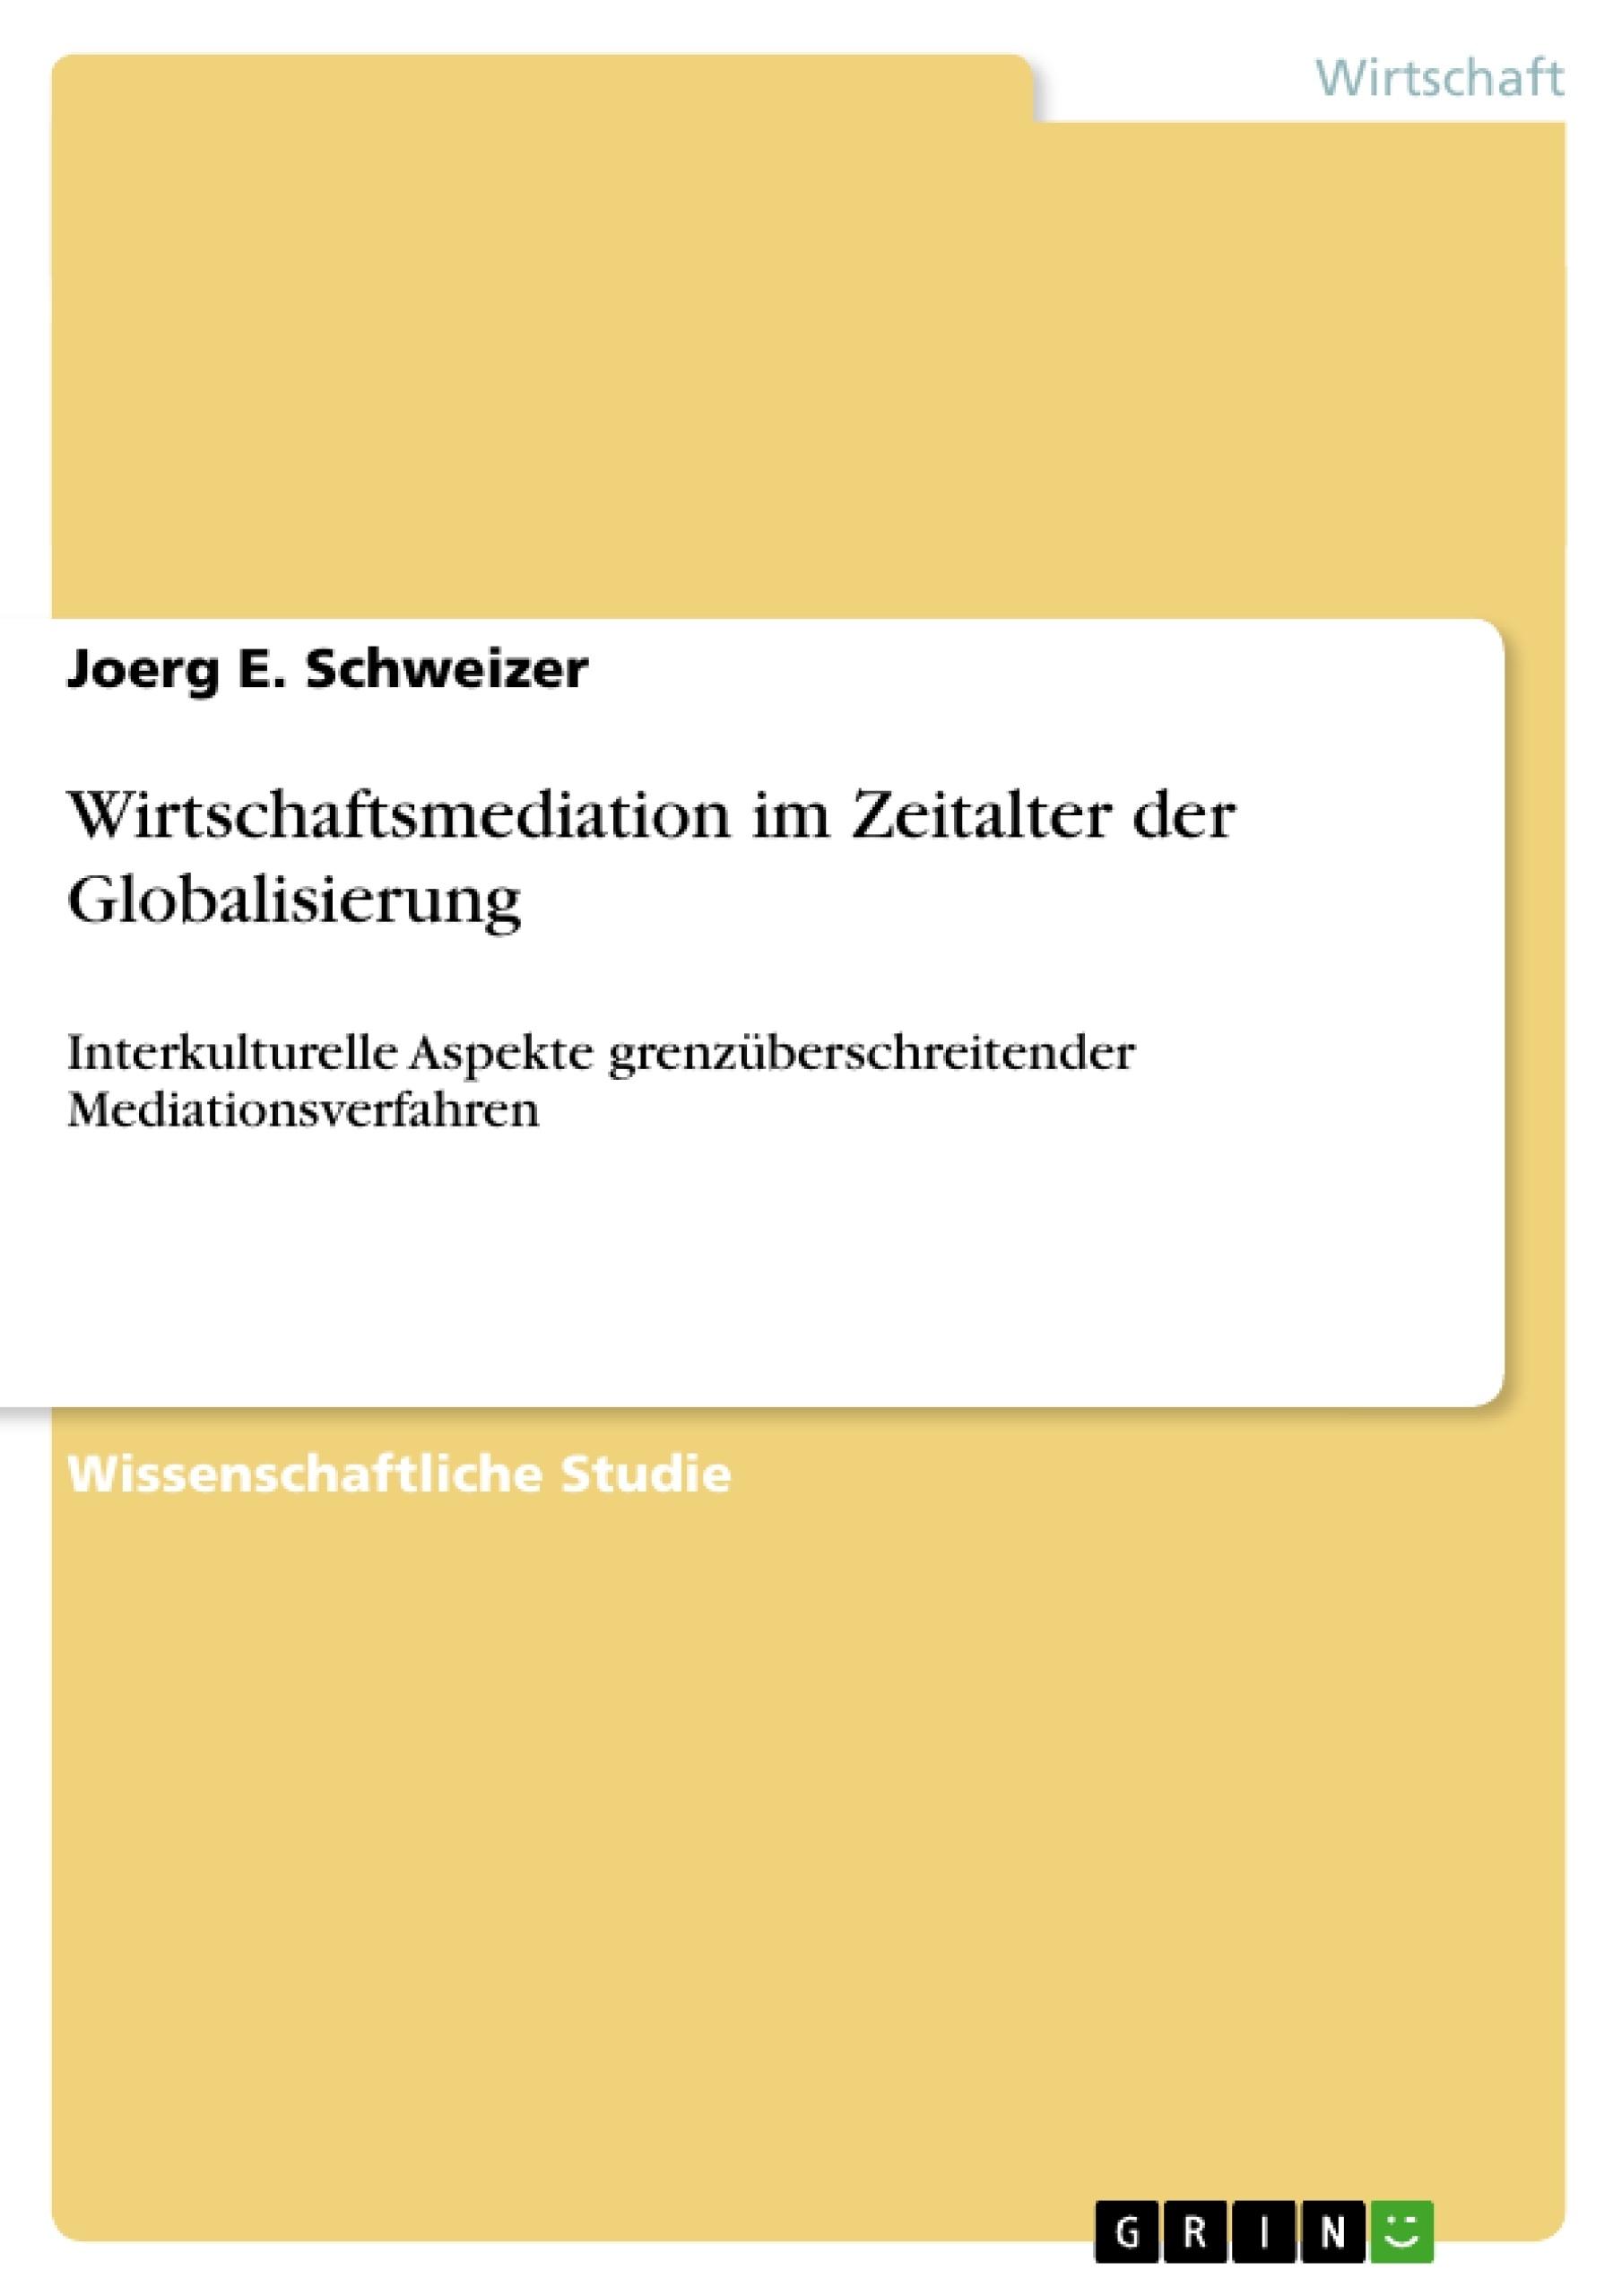 Titel: Wirtschaftsmediation im Zeitalter der Globalisierung